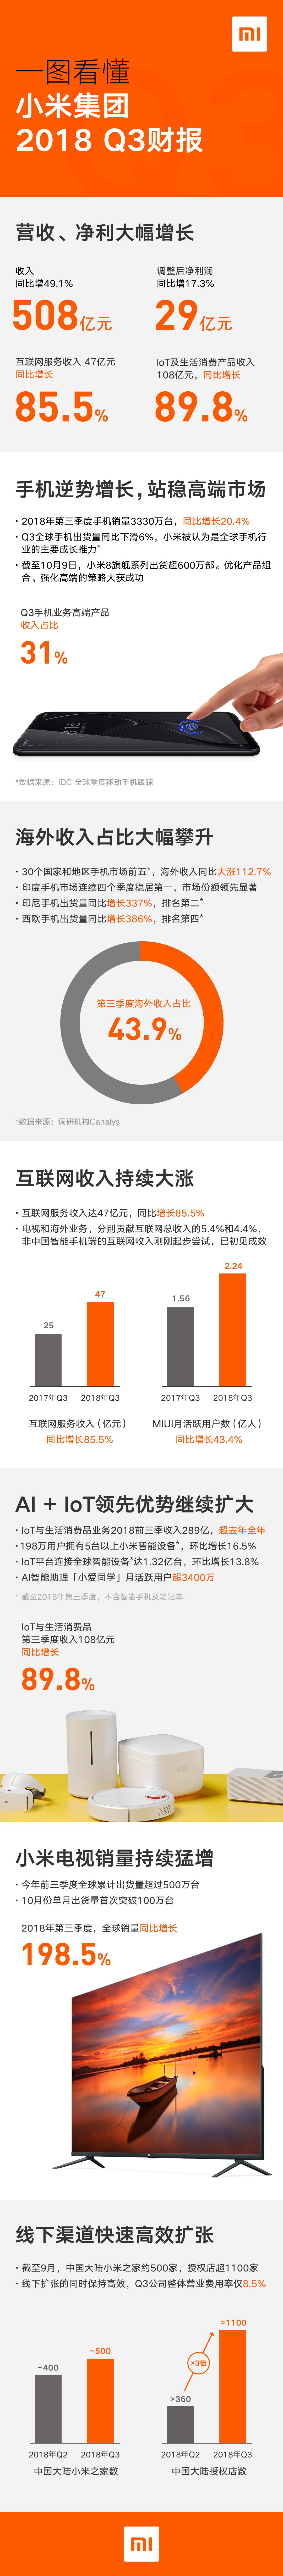 小米发布Q3财报:营收508亿净利29亿 远超预期